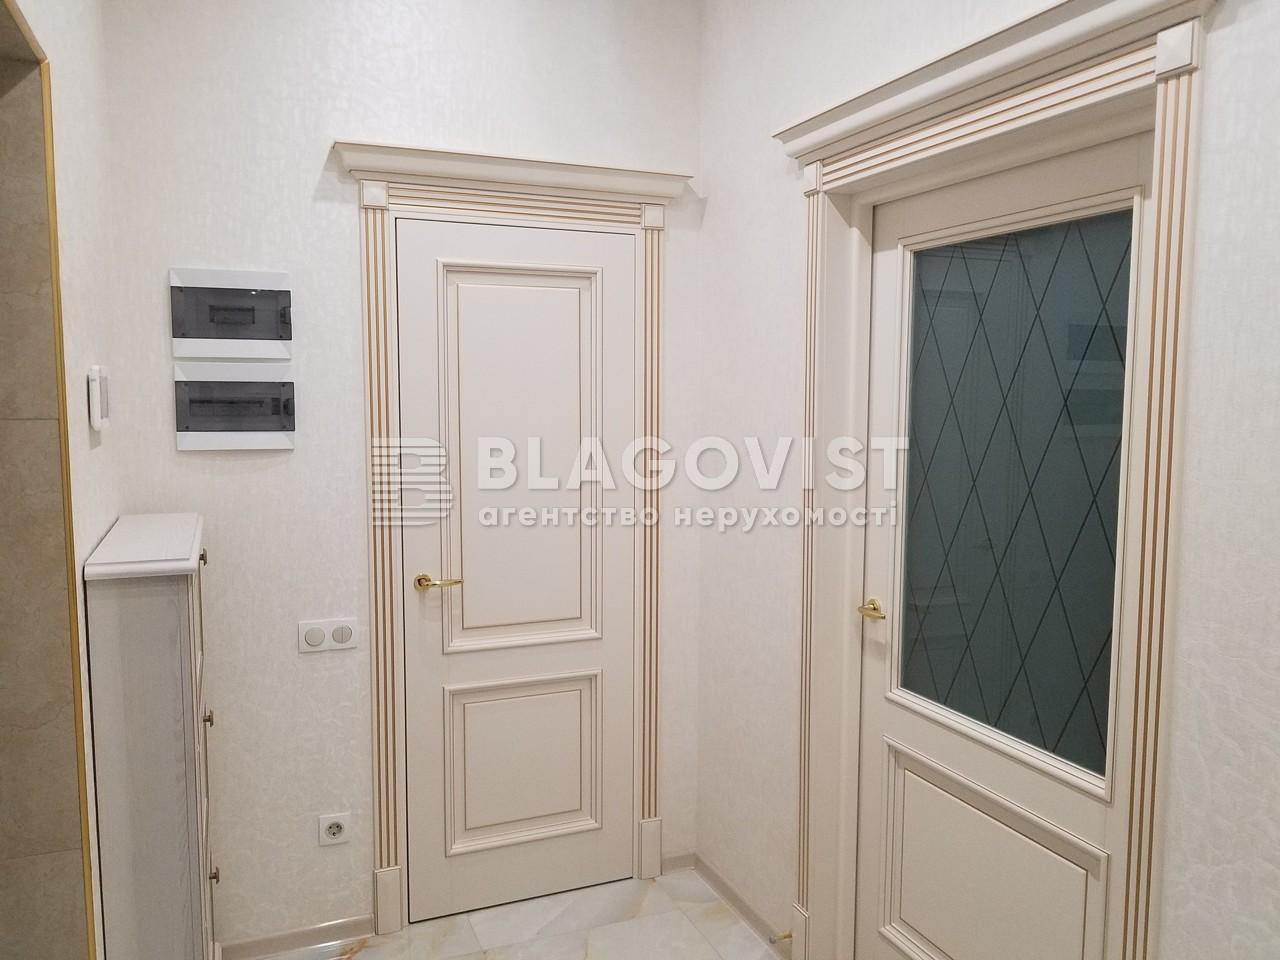 Квартира R-23485, Коновальца Евгения (Щорса), 34а, Киев - Фото 15